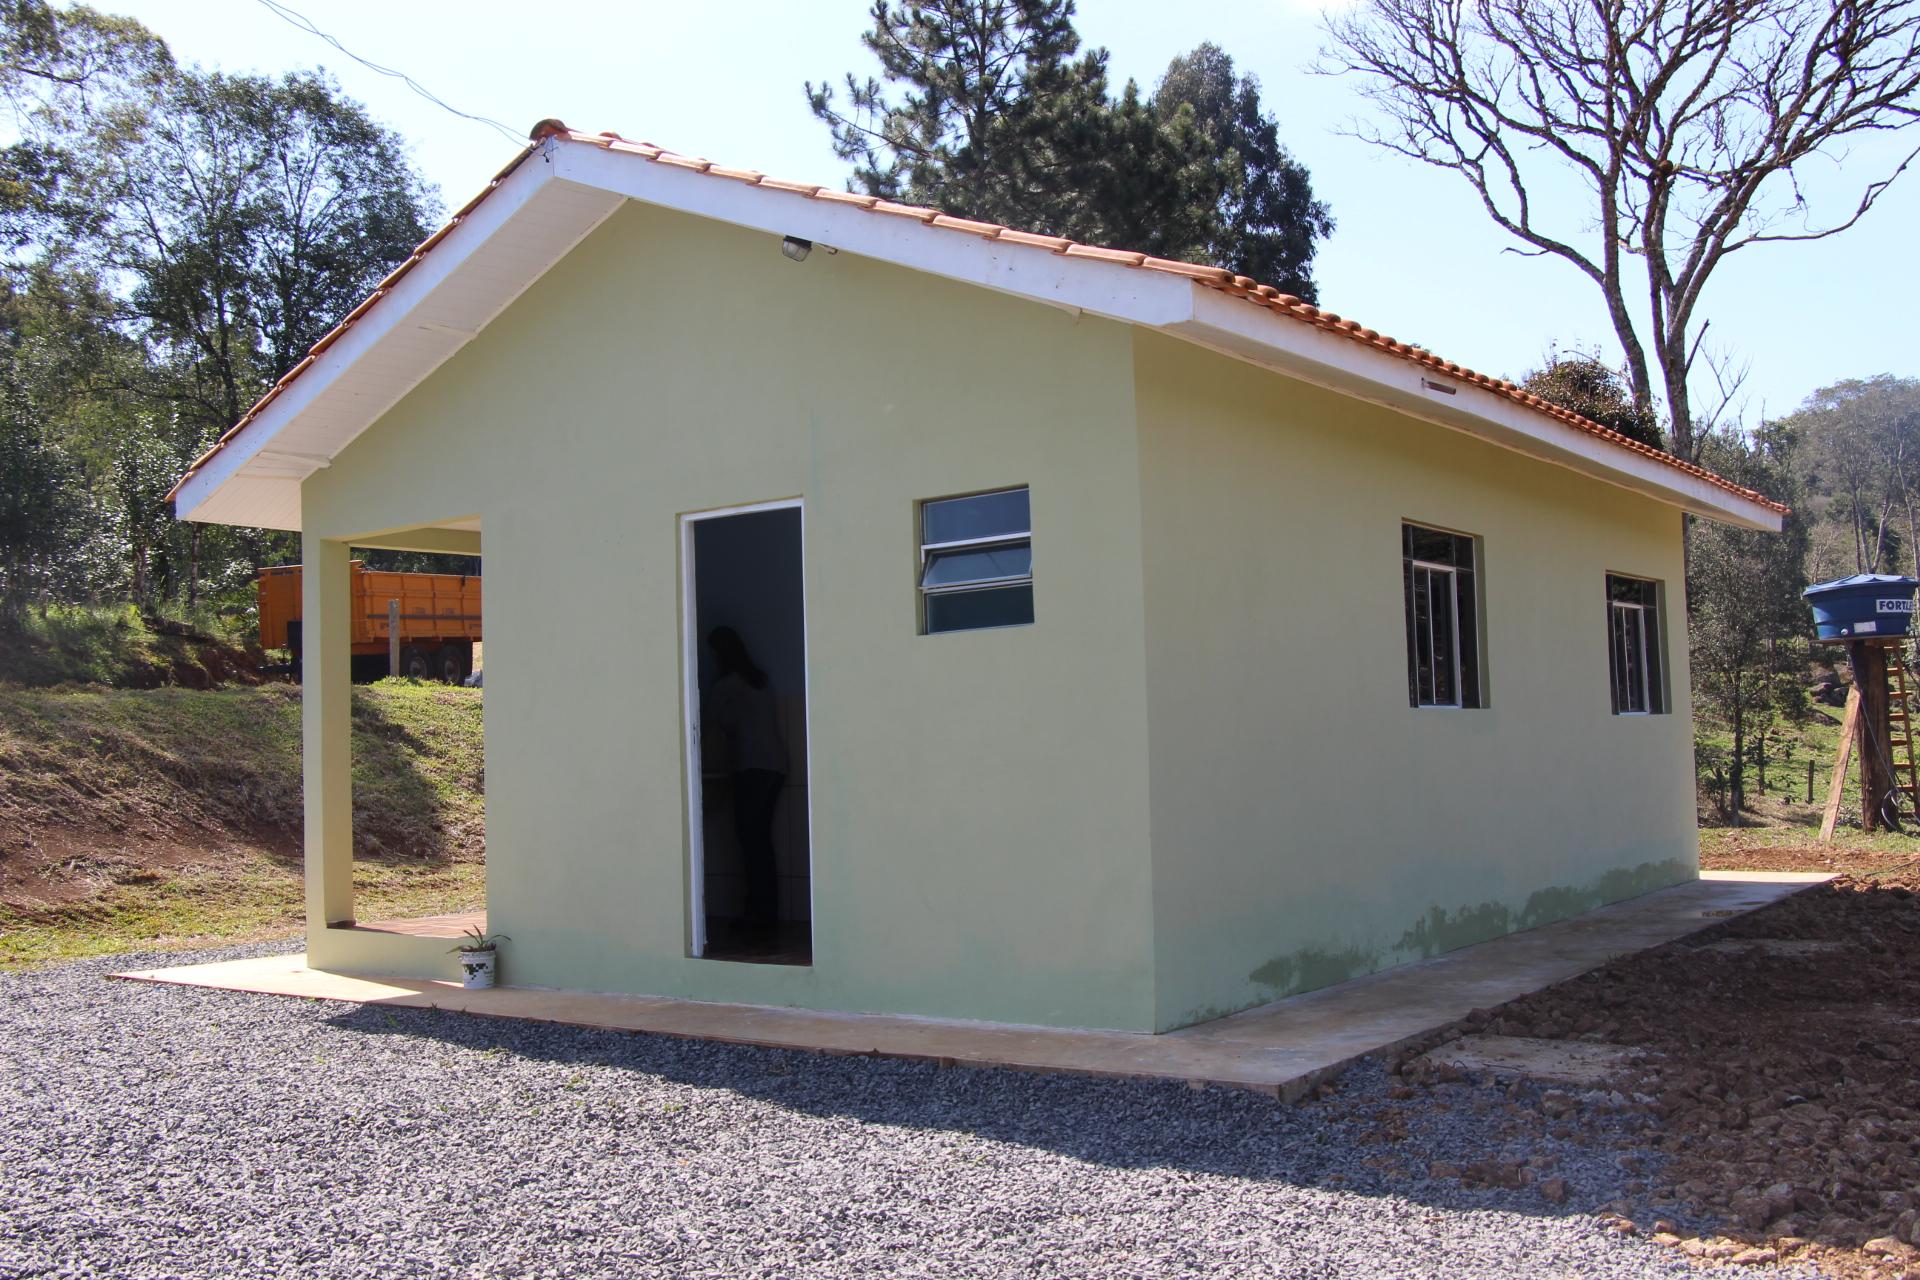 Agricultores familiares recebem novas casas